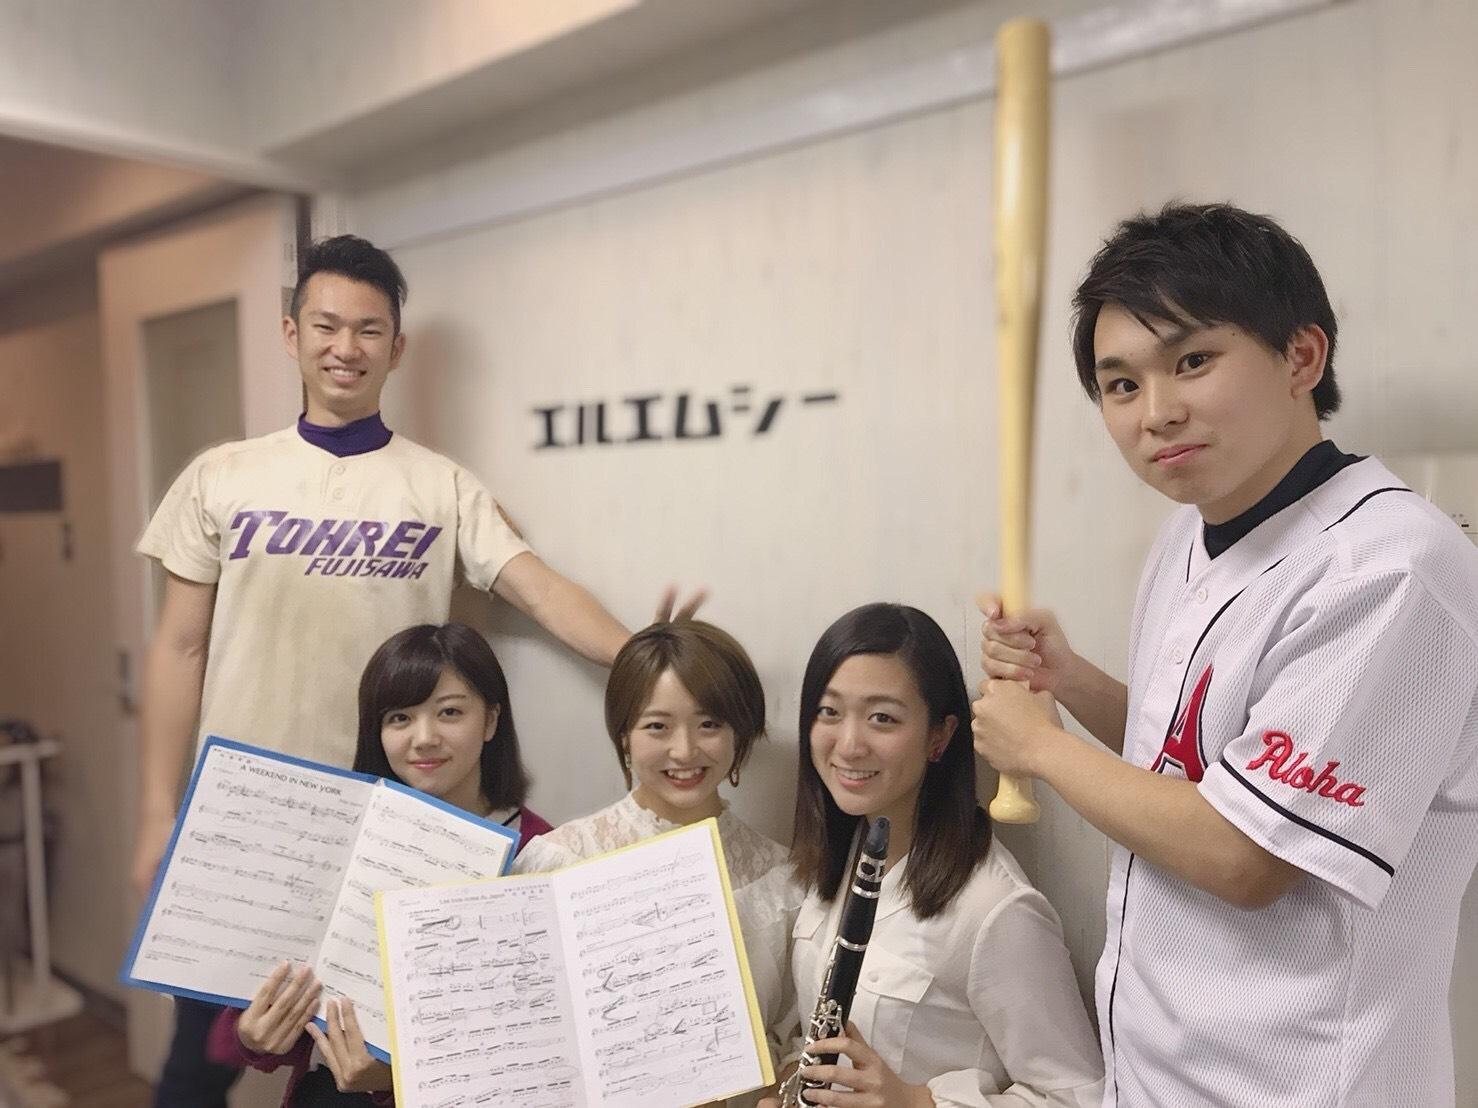 【対談企画:東京吹奏楽部と野球部インタビュー】再び手にしたあの頃の情熱